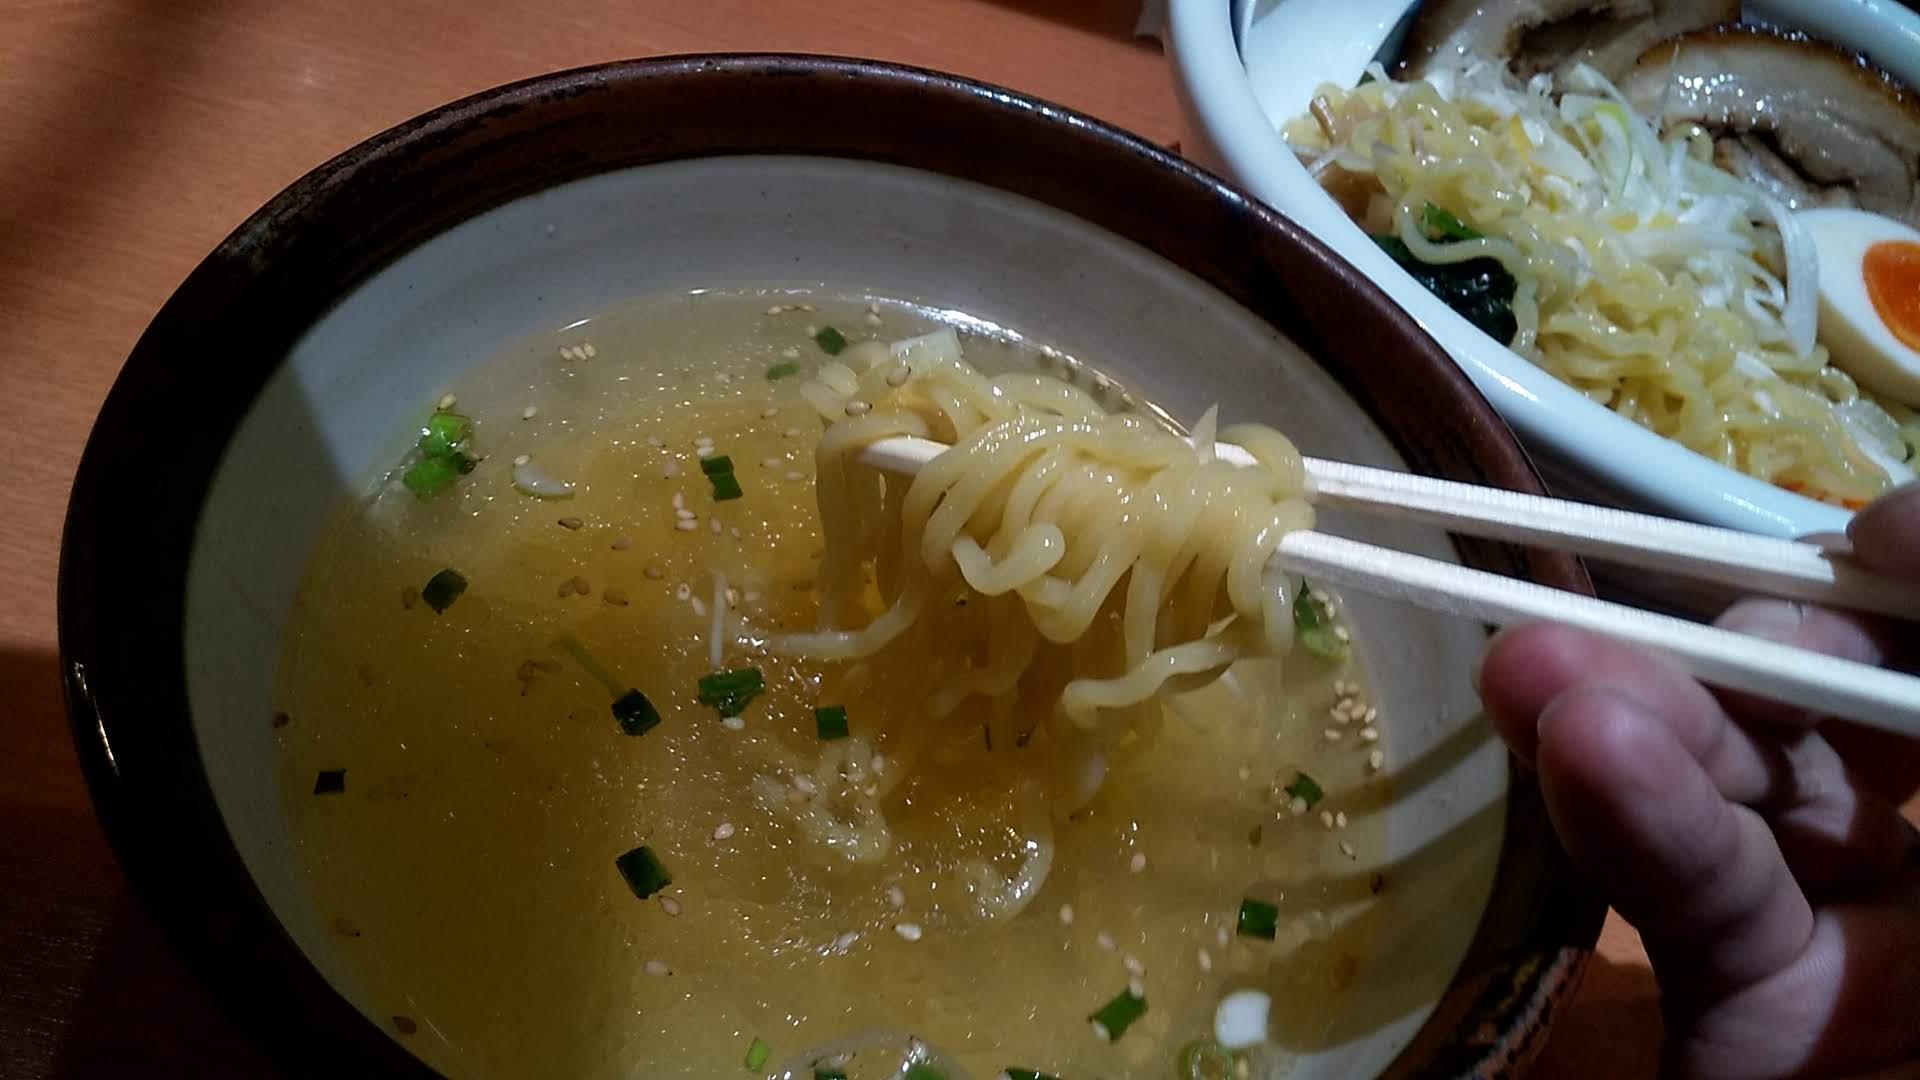 俺流塩ラーメン下北沢店の俺流超つけ麺の麺リフト